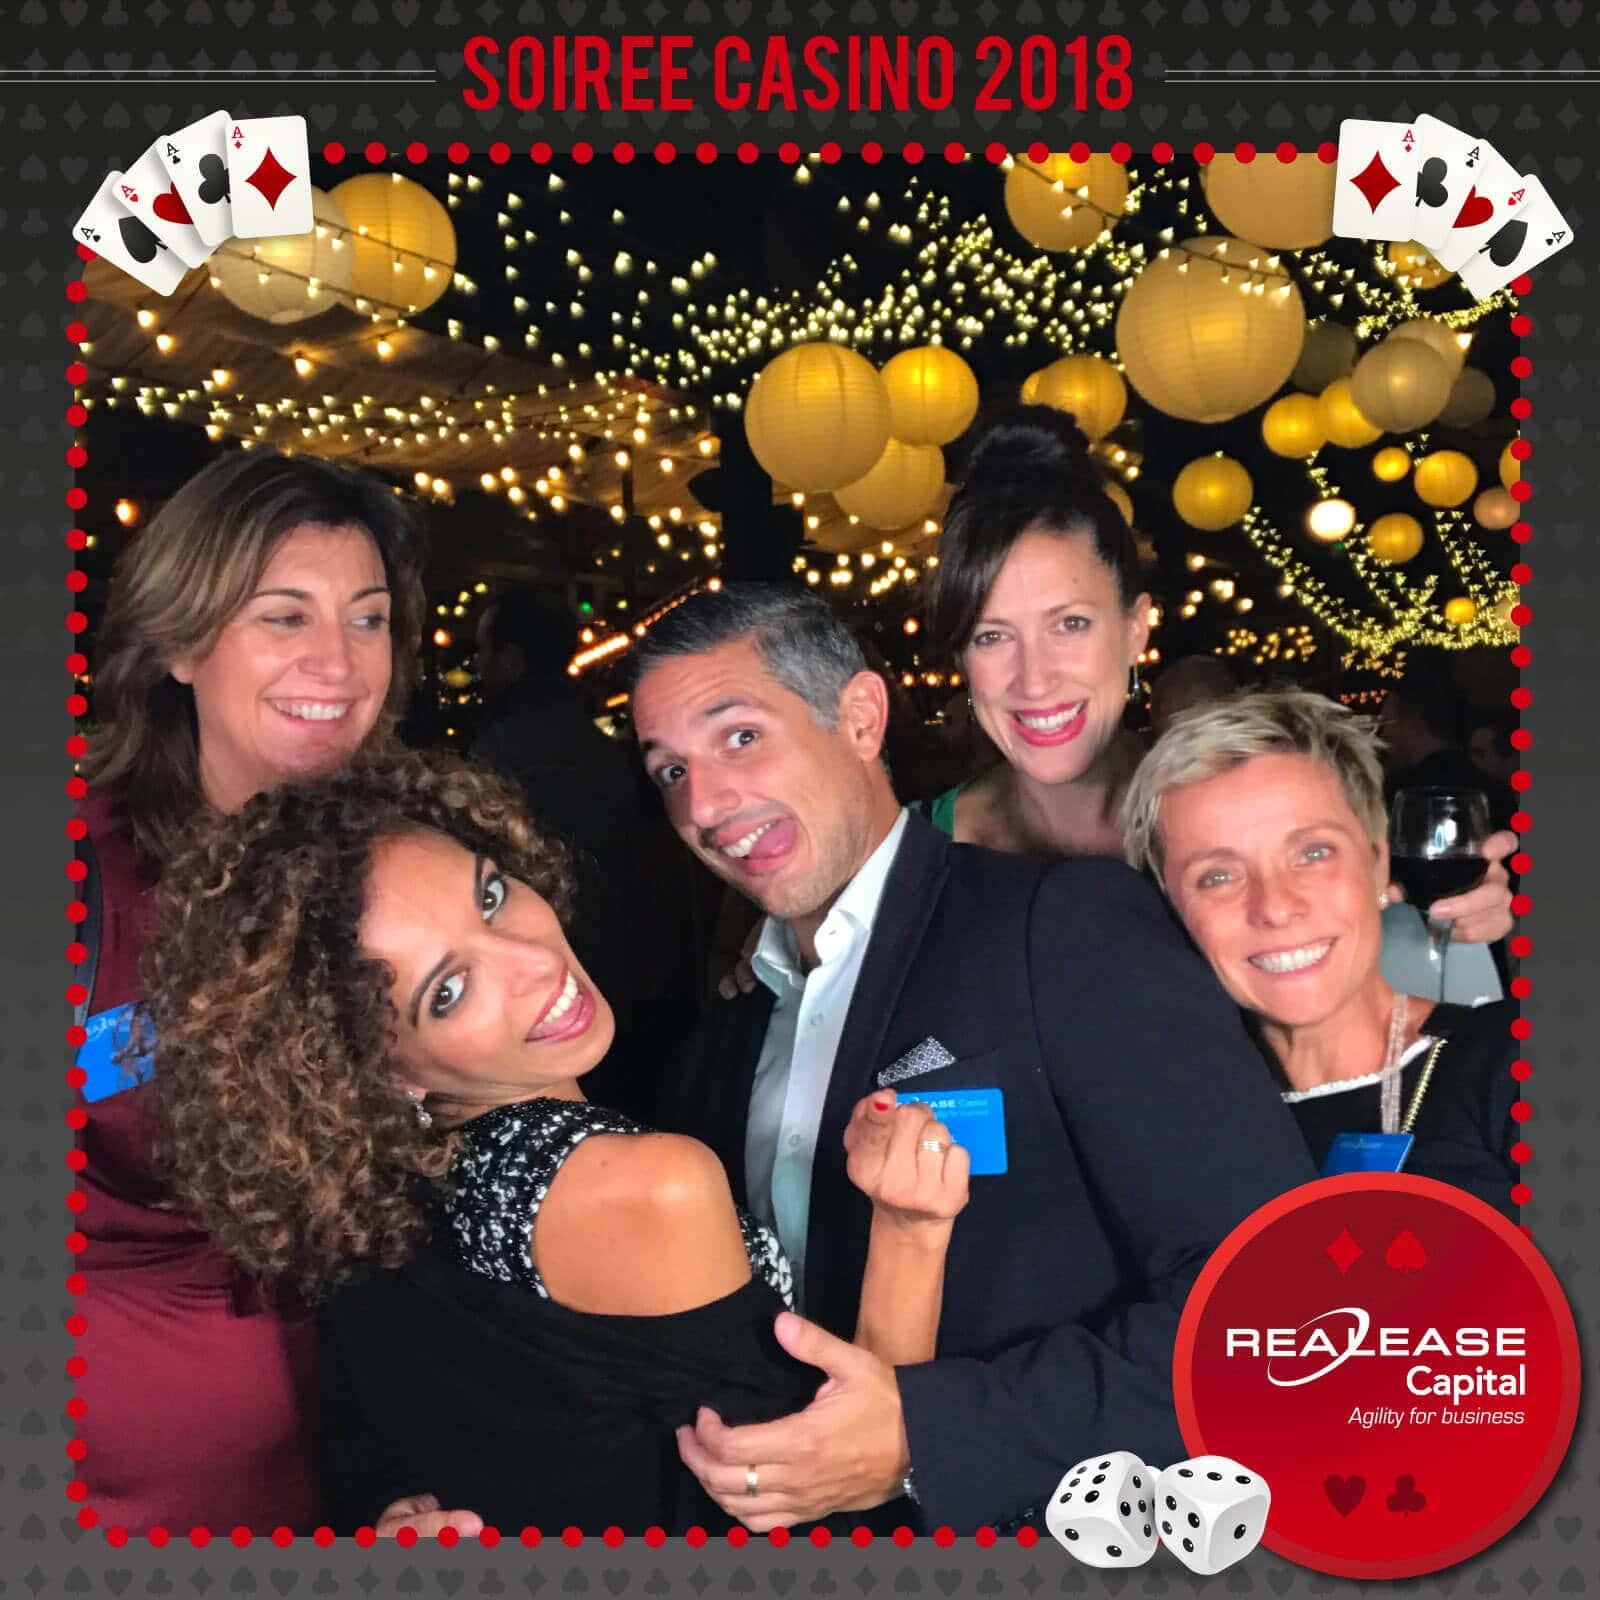 Photobooth mobile : Réalisation au cours d'une soirée événementielle (soirée casino)